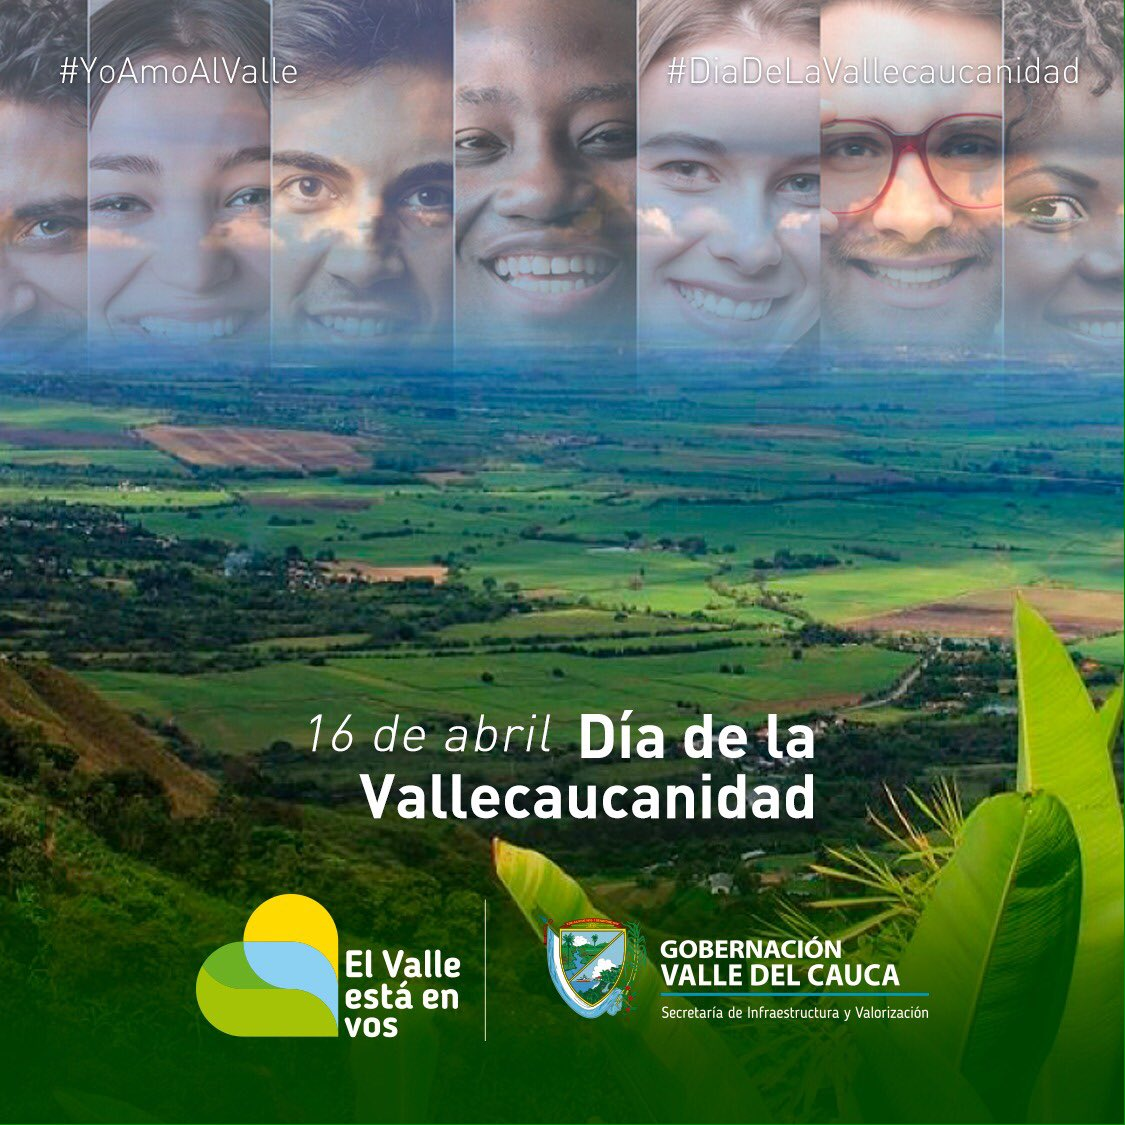 #ElValleEstaEnVos by @alemontoyailus